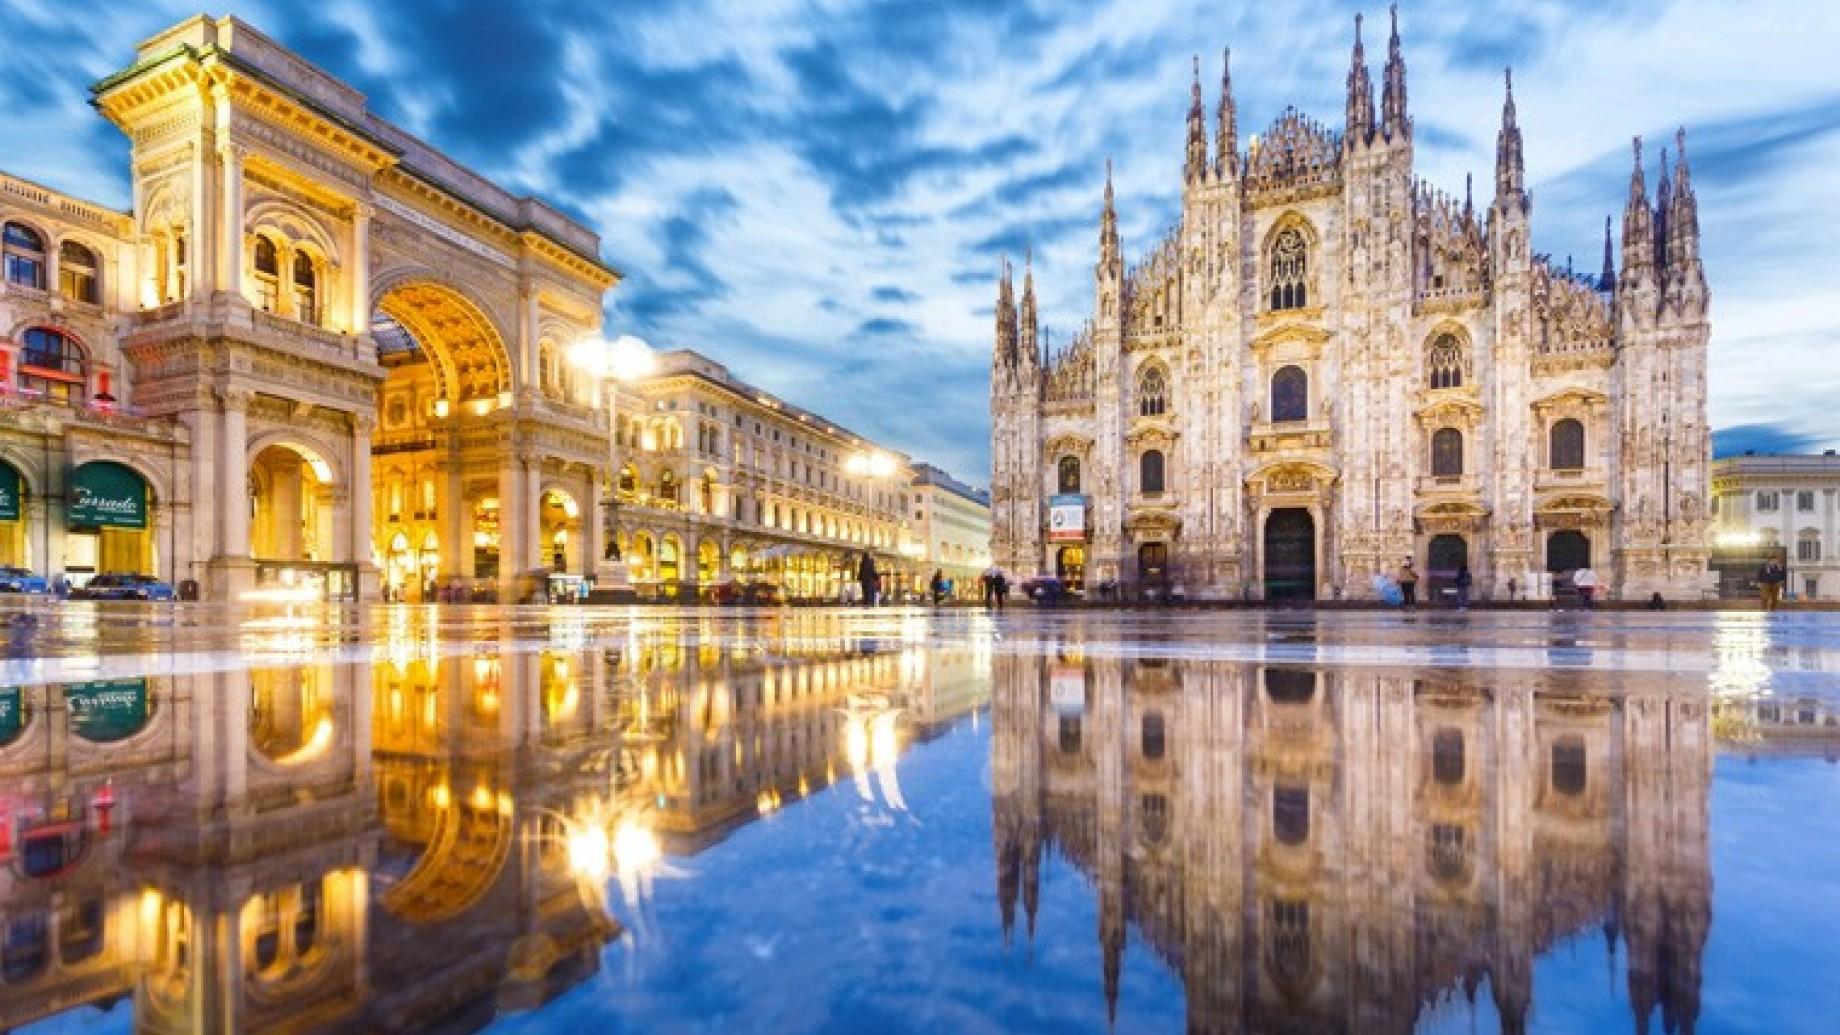 milano turismo euromonitor